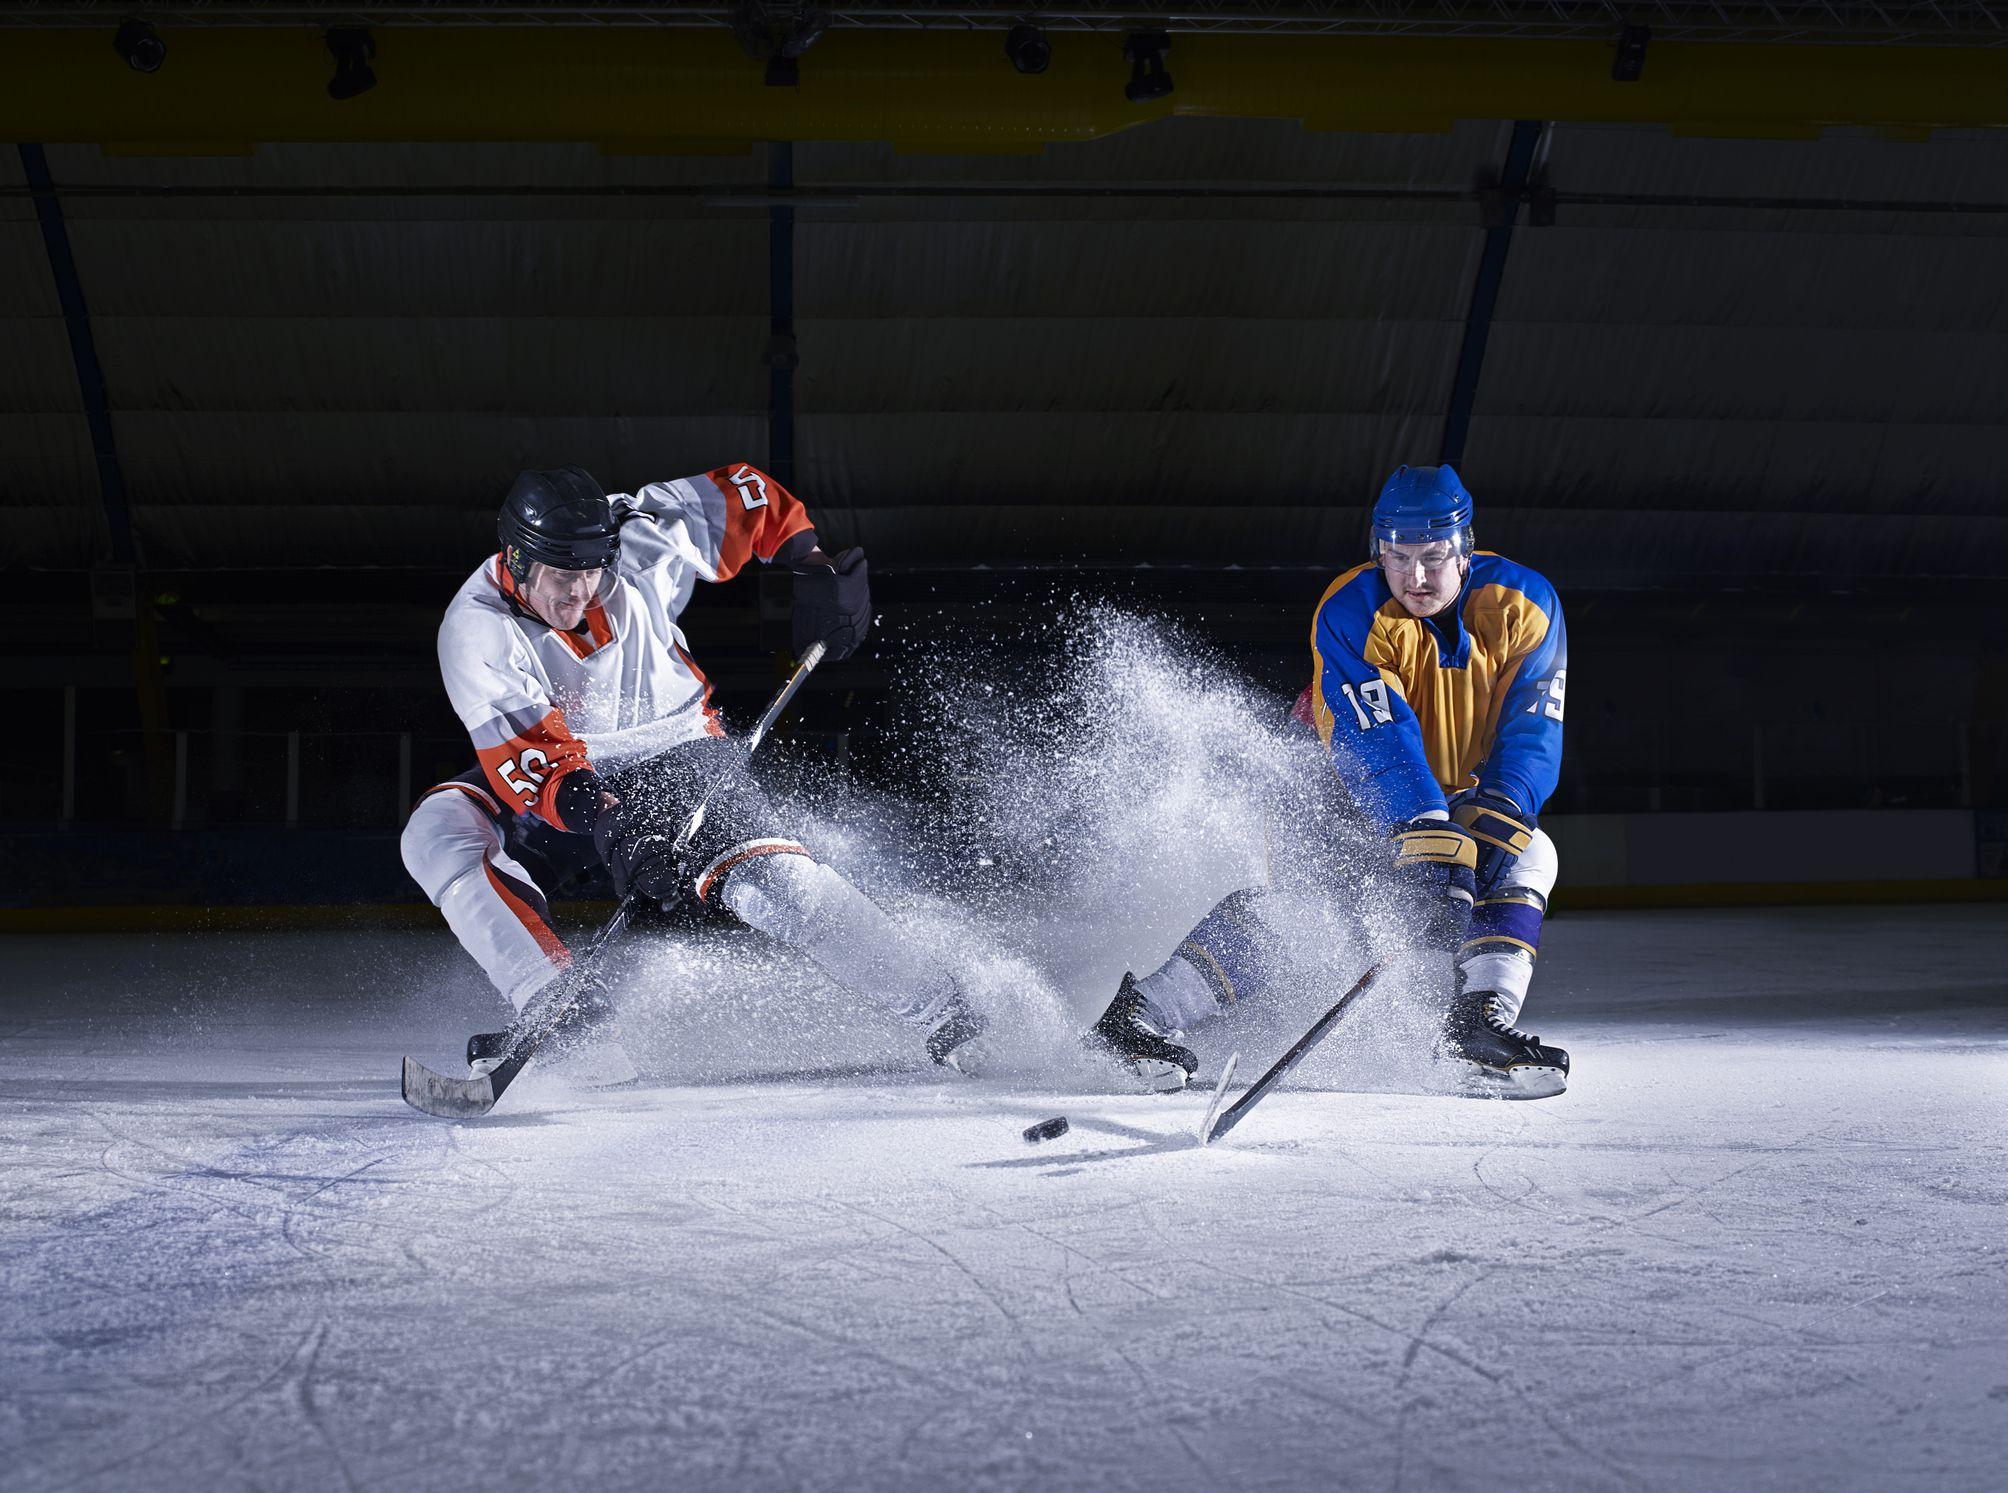 сайт хоккейной фотографии рекомендуется выбрать